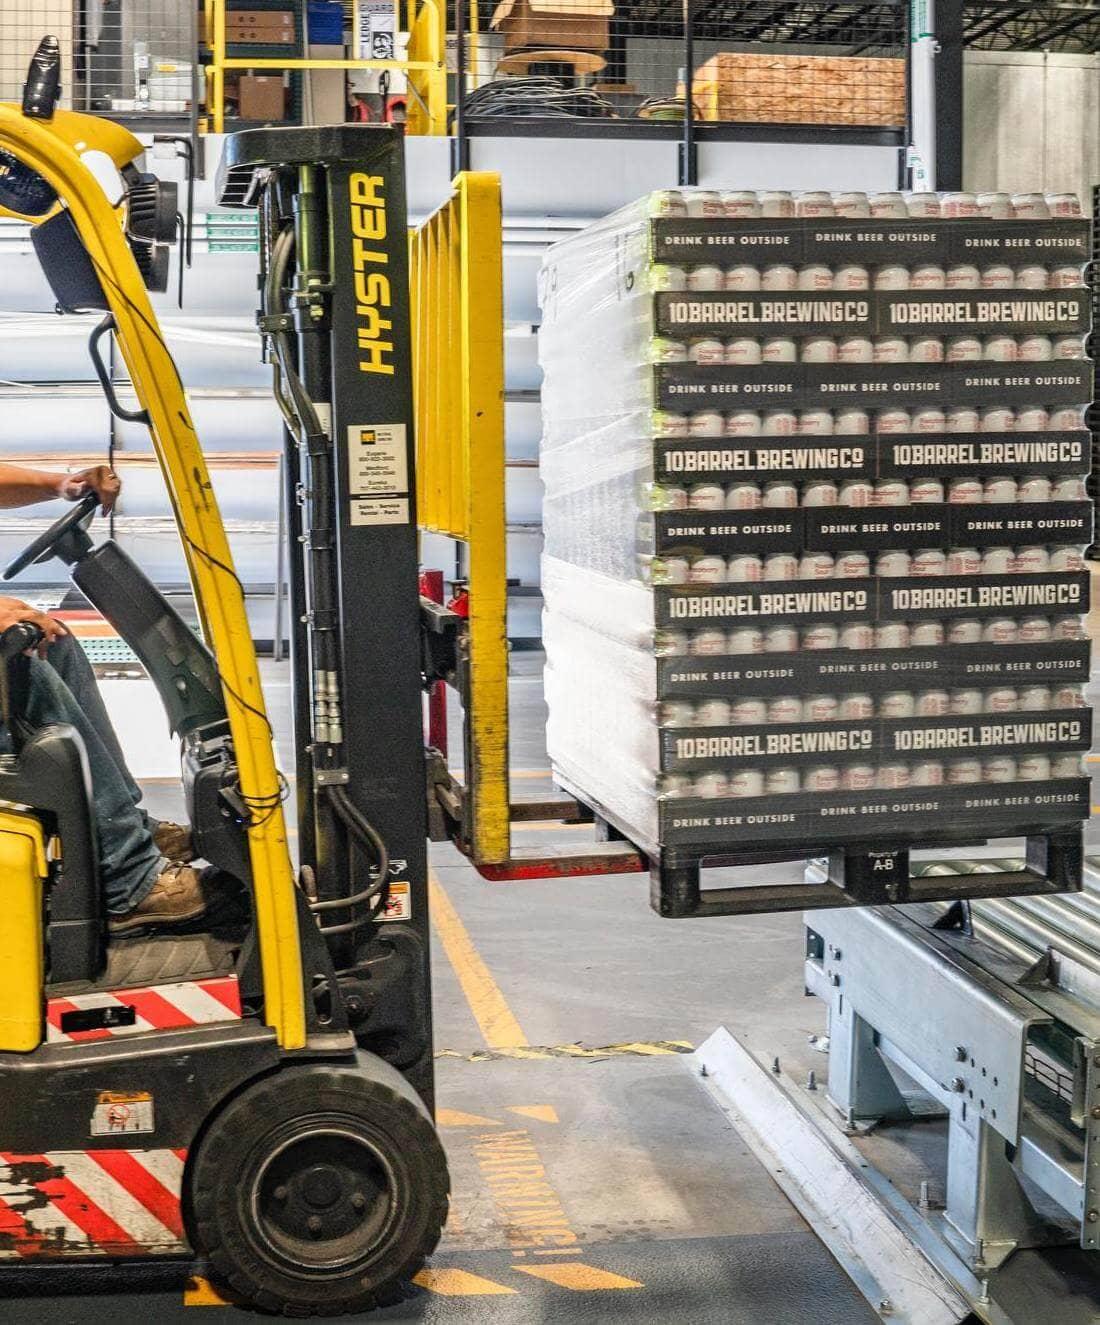 SEO продвижение сайта складского оборудования и техники для склада - кейс iPapus Agency